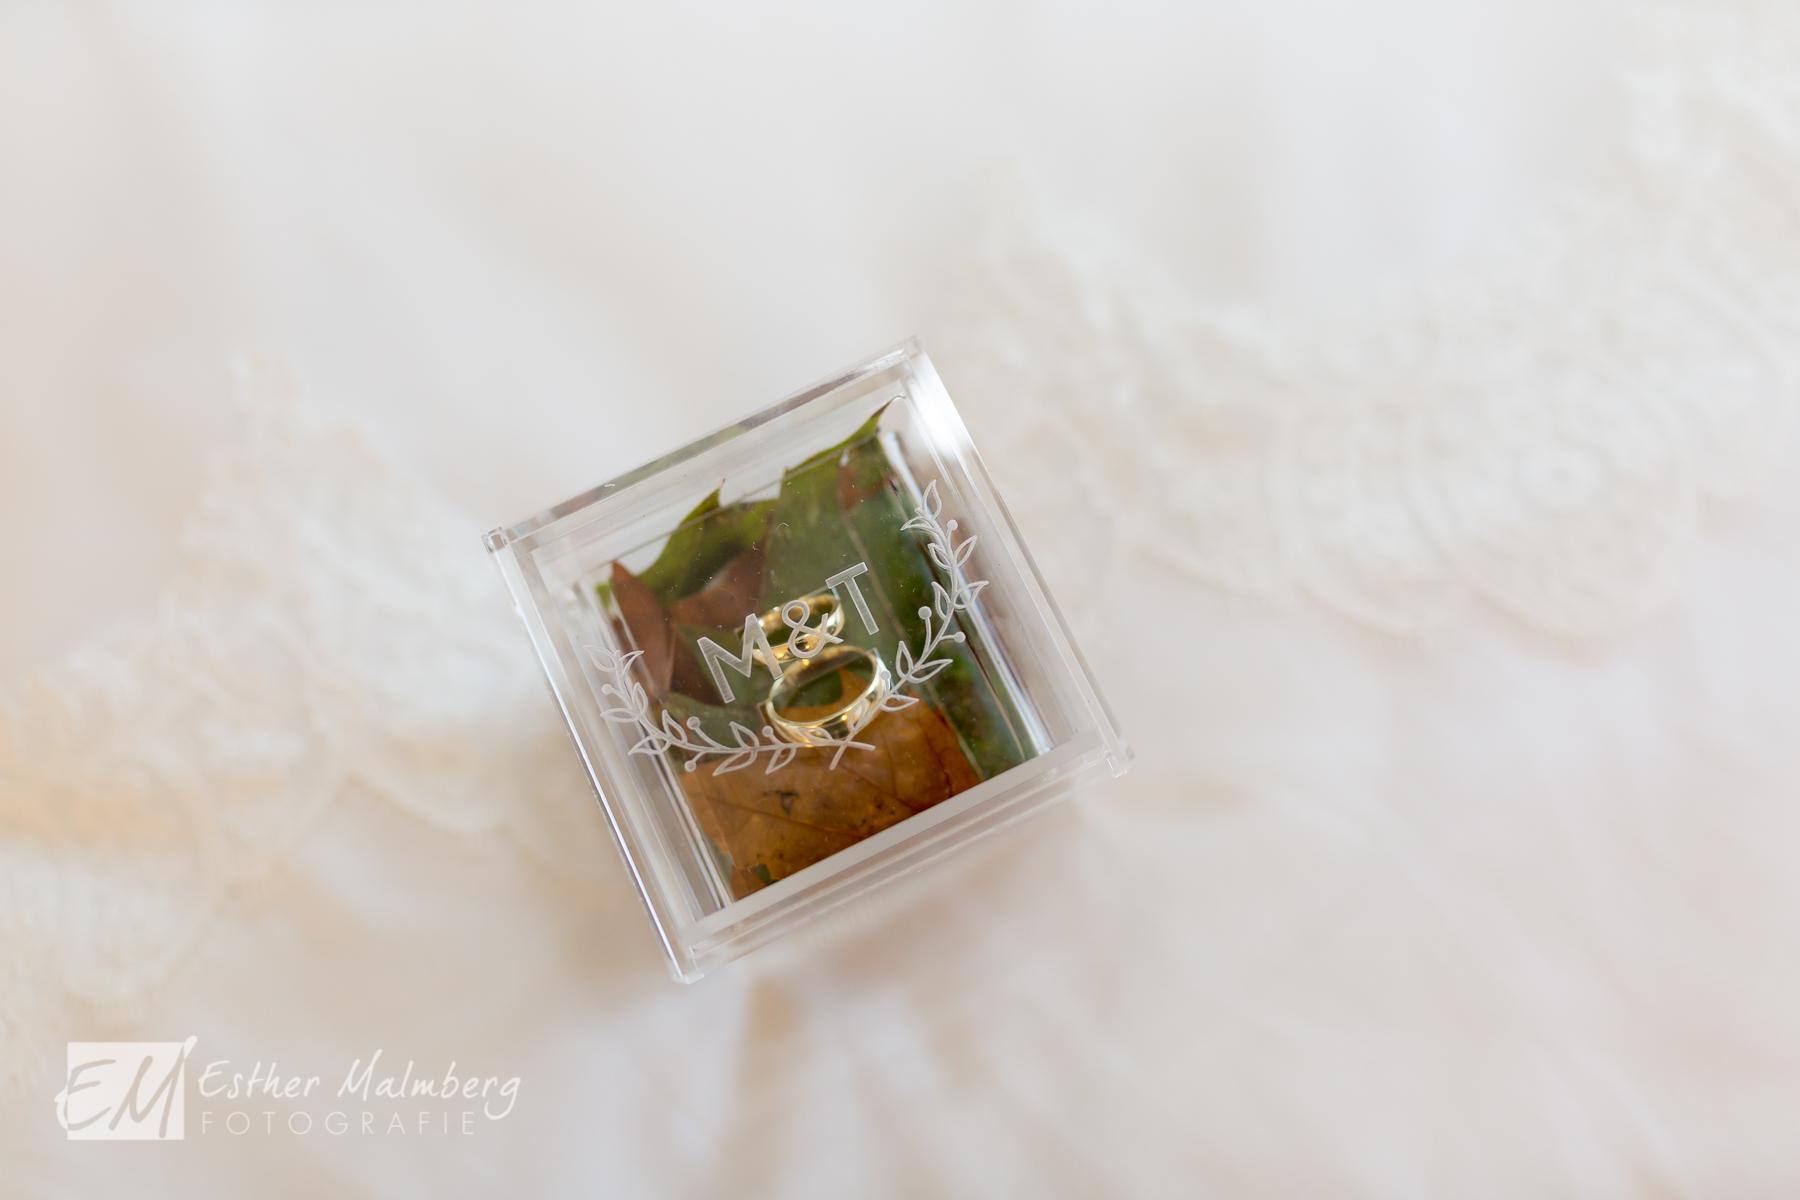 Detailfoto van trouwringen